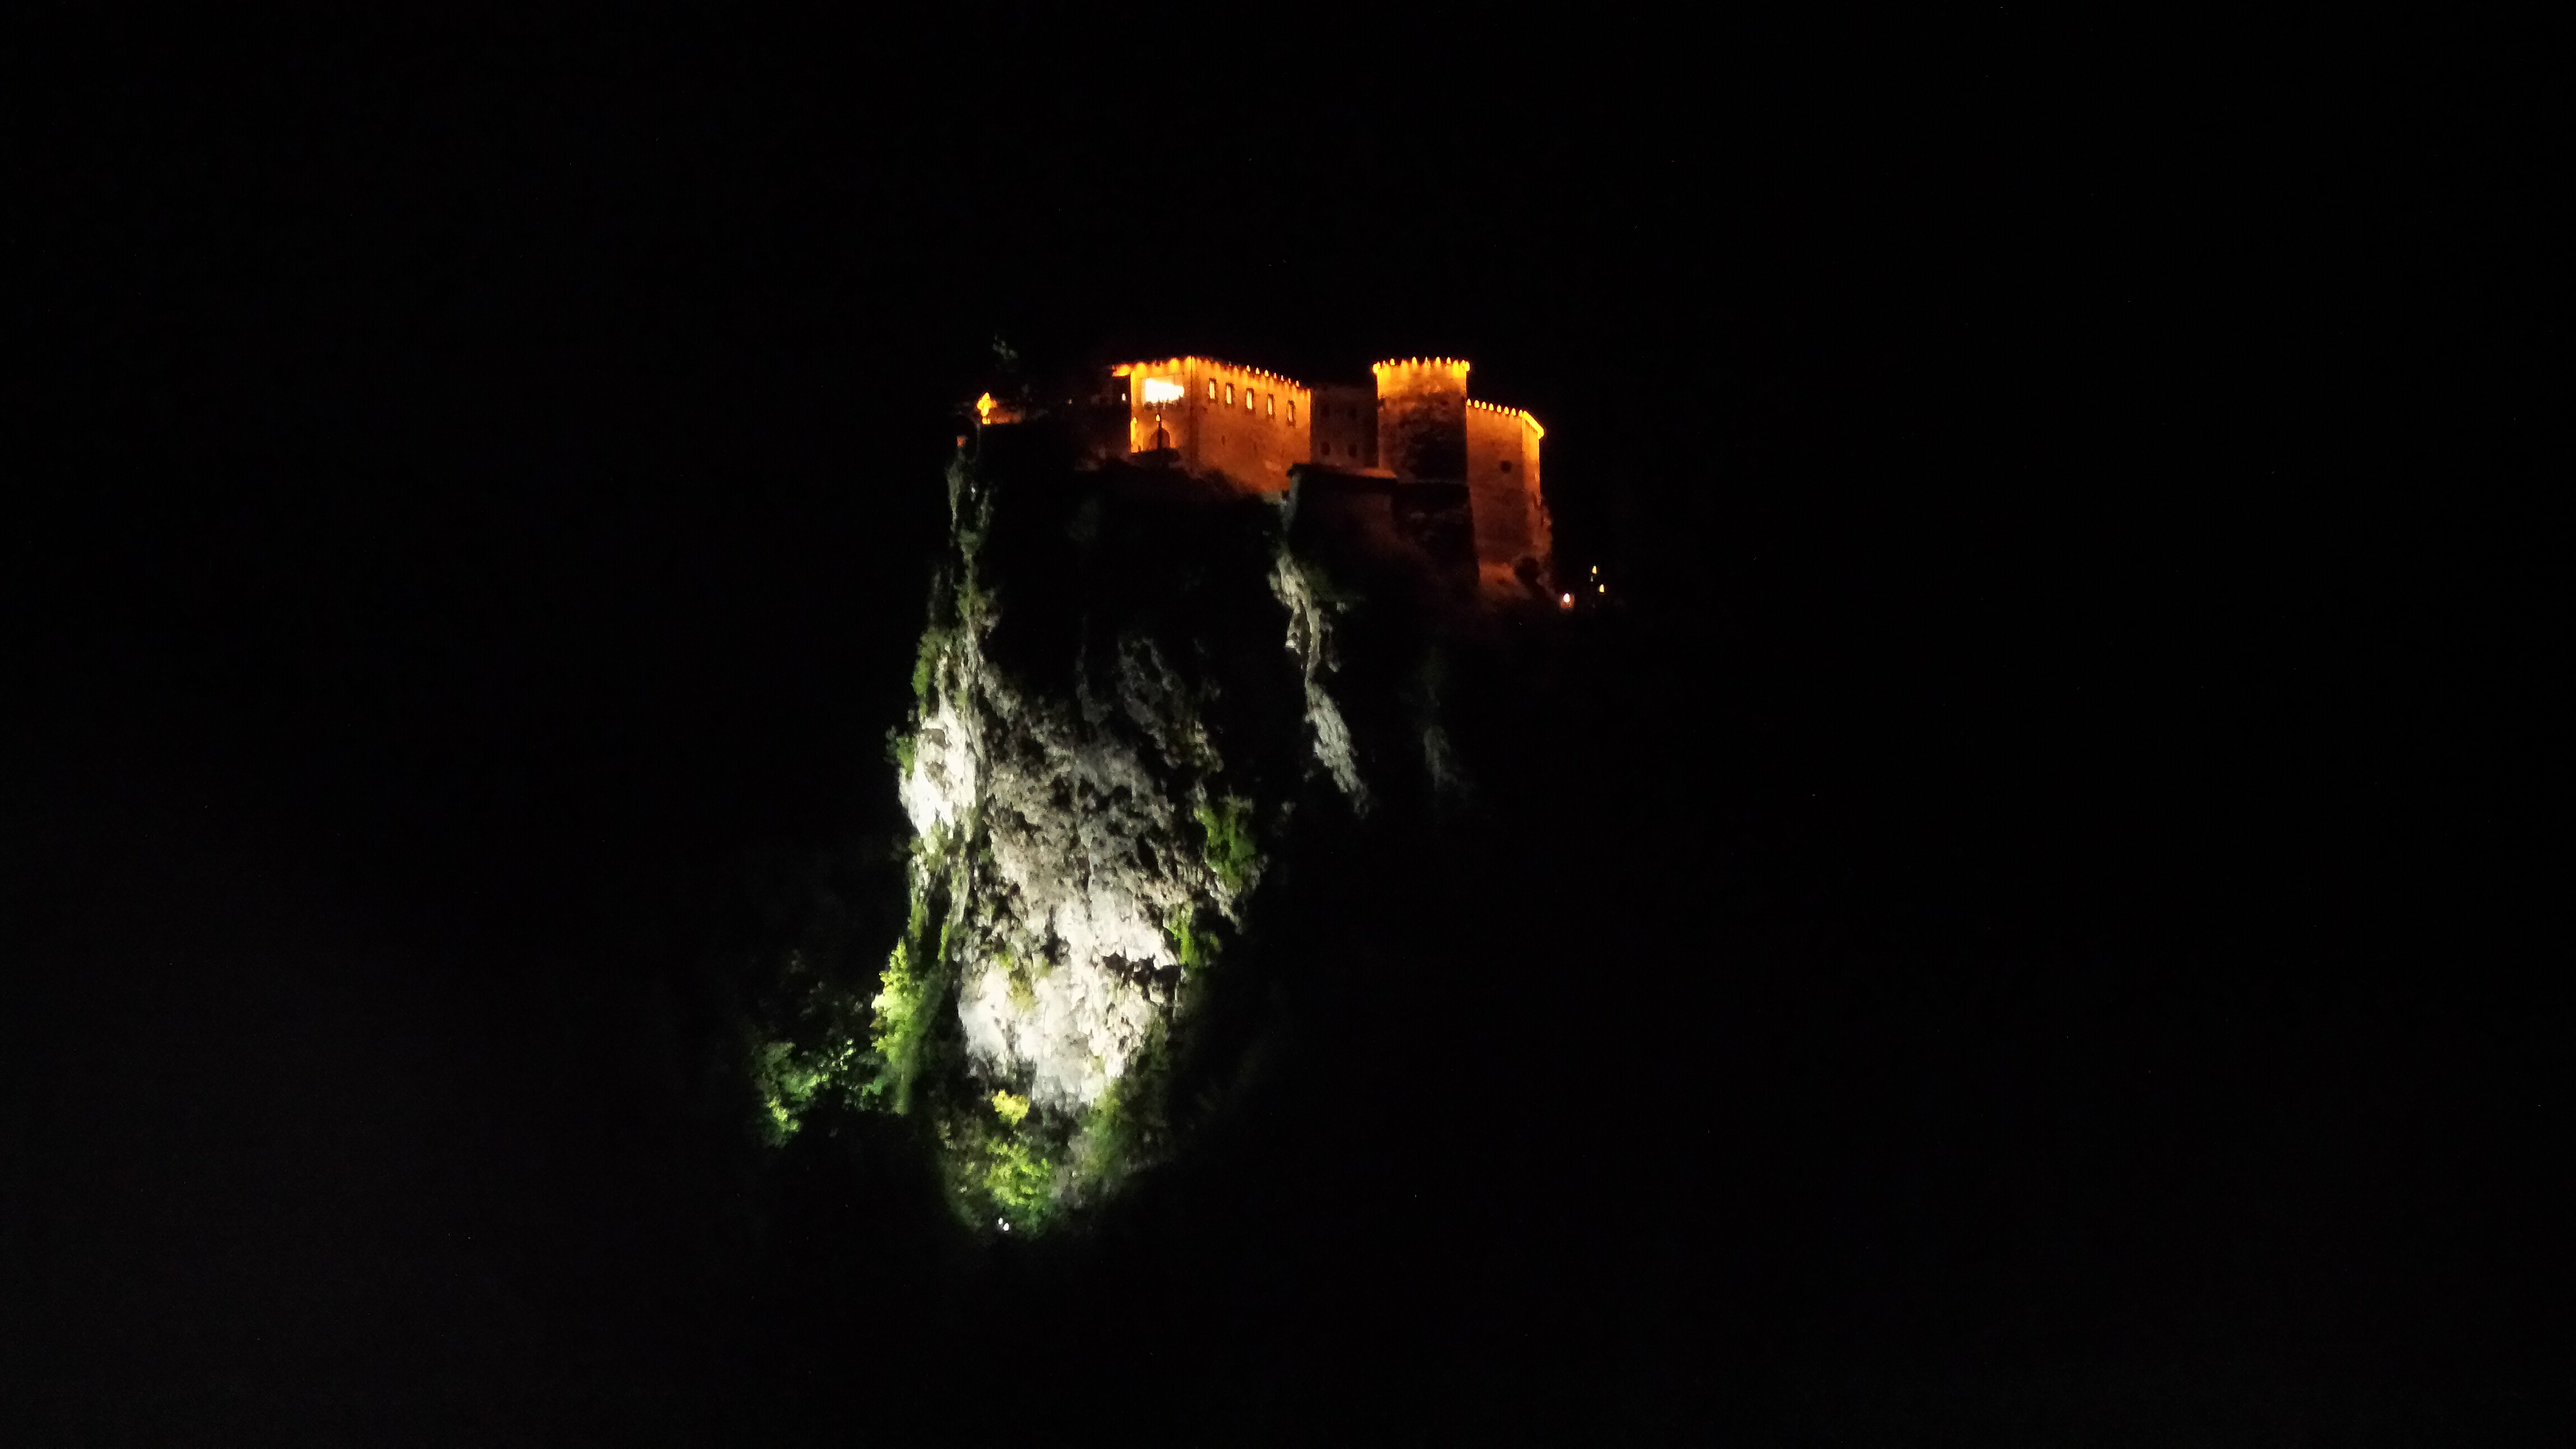 Il castello di Bled illuminato